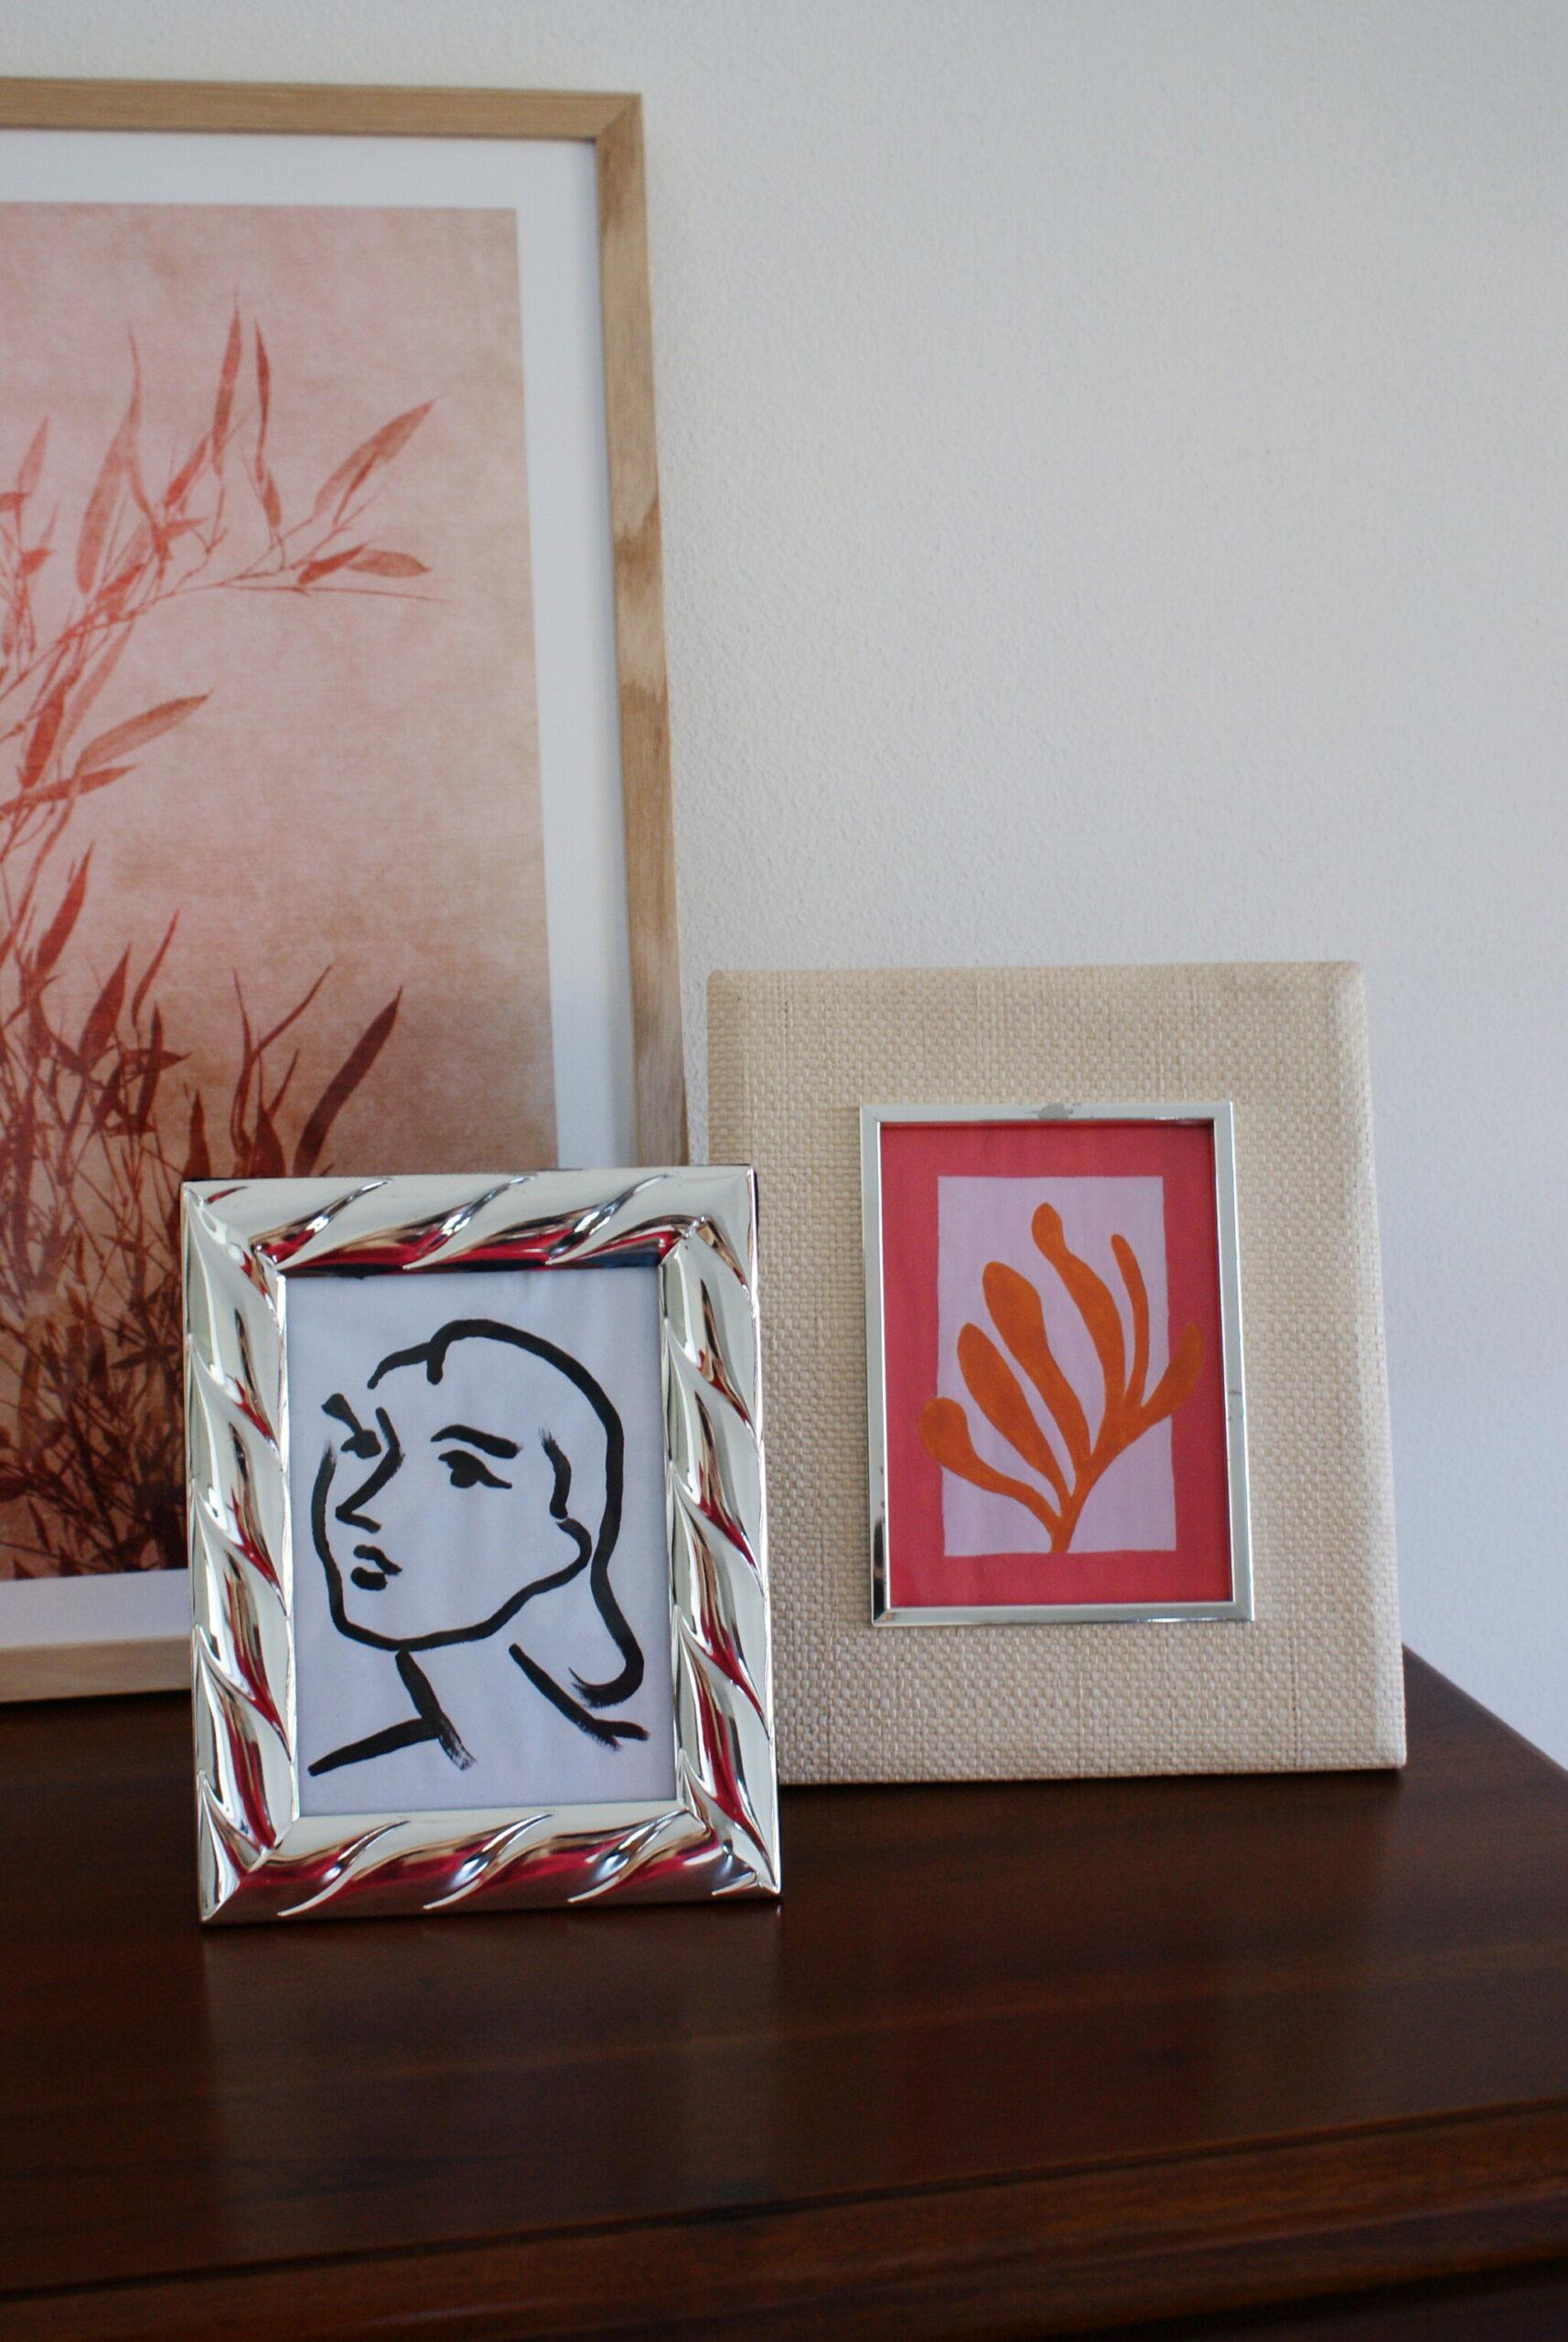 diy minimalist paintings inspired henri matisse art try make home beginner tutorial easy